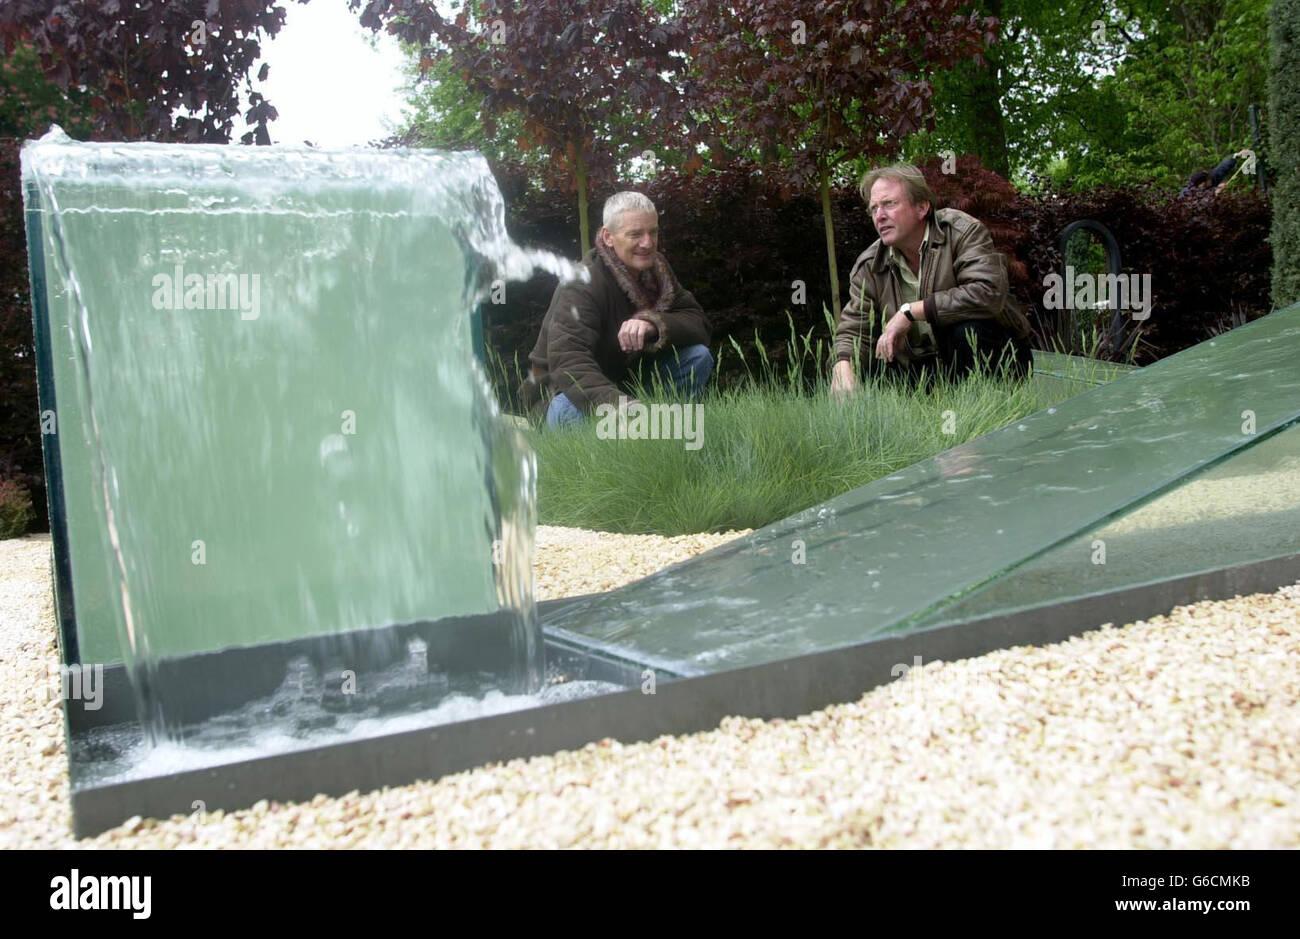 the wrong garden - dyson & honey stock photo: 107229791 - alamy